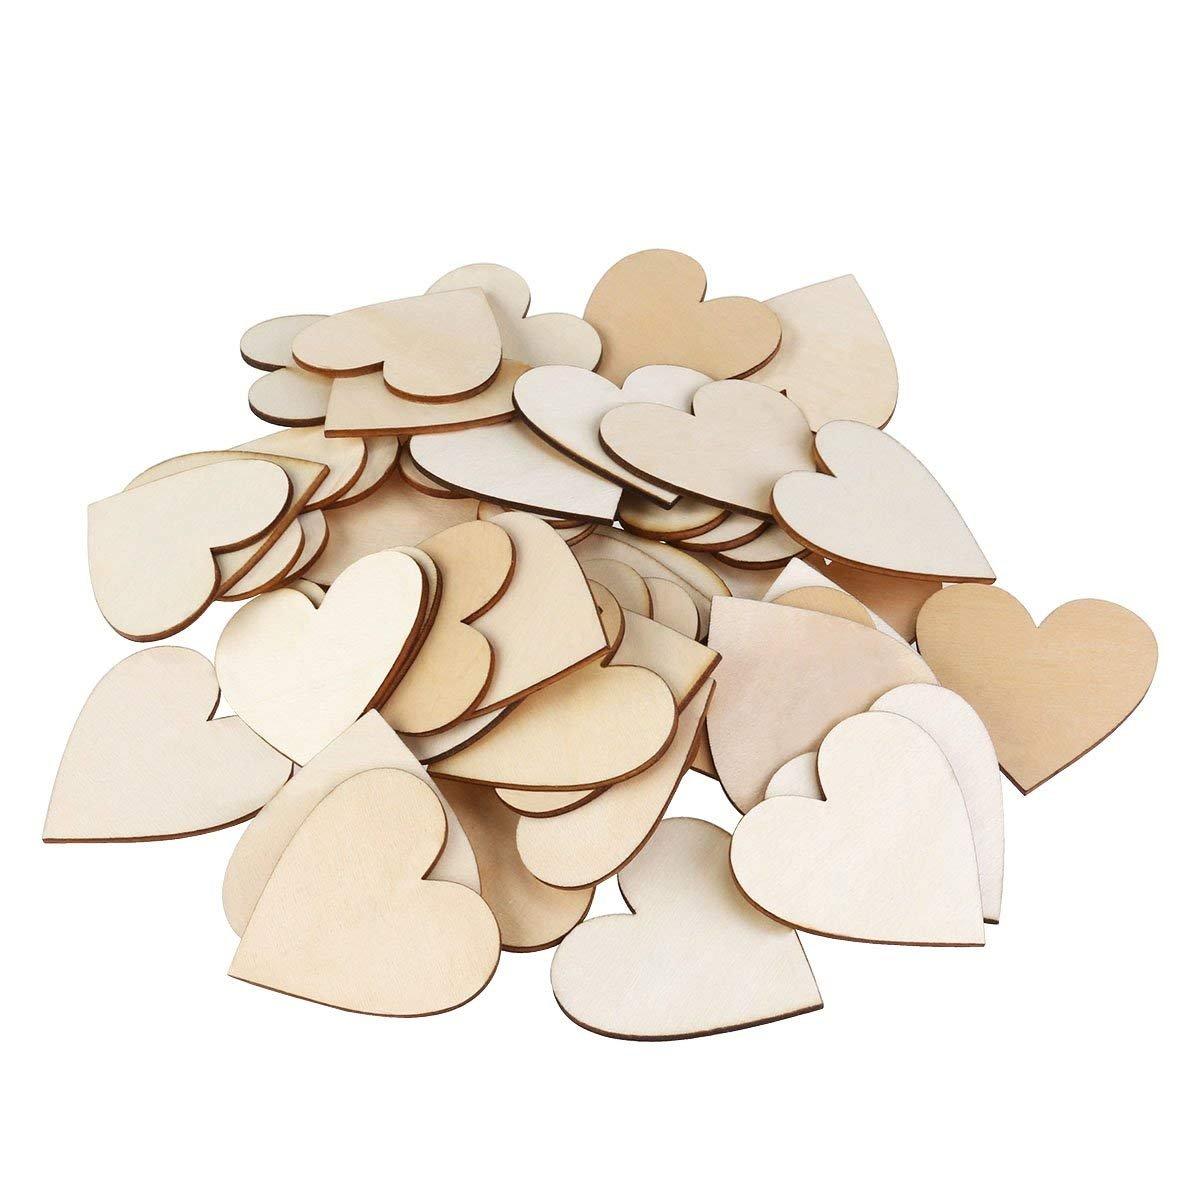 Queta cuori di legno 50PCS/2borsa, 6cm in legno da firmare Small Hearts for Crafts cuore legno fette dischi matrimonio ornamenti di Natale